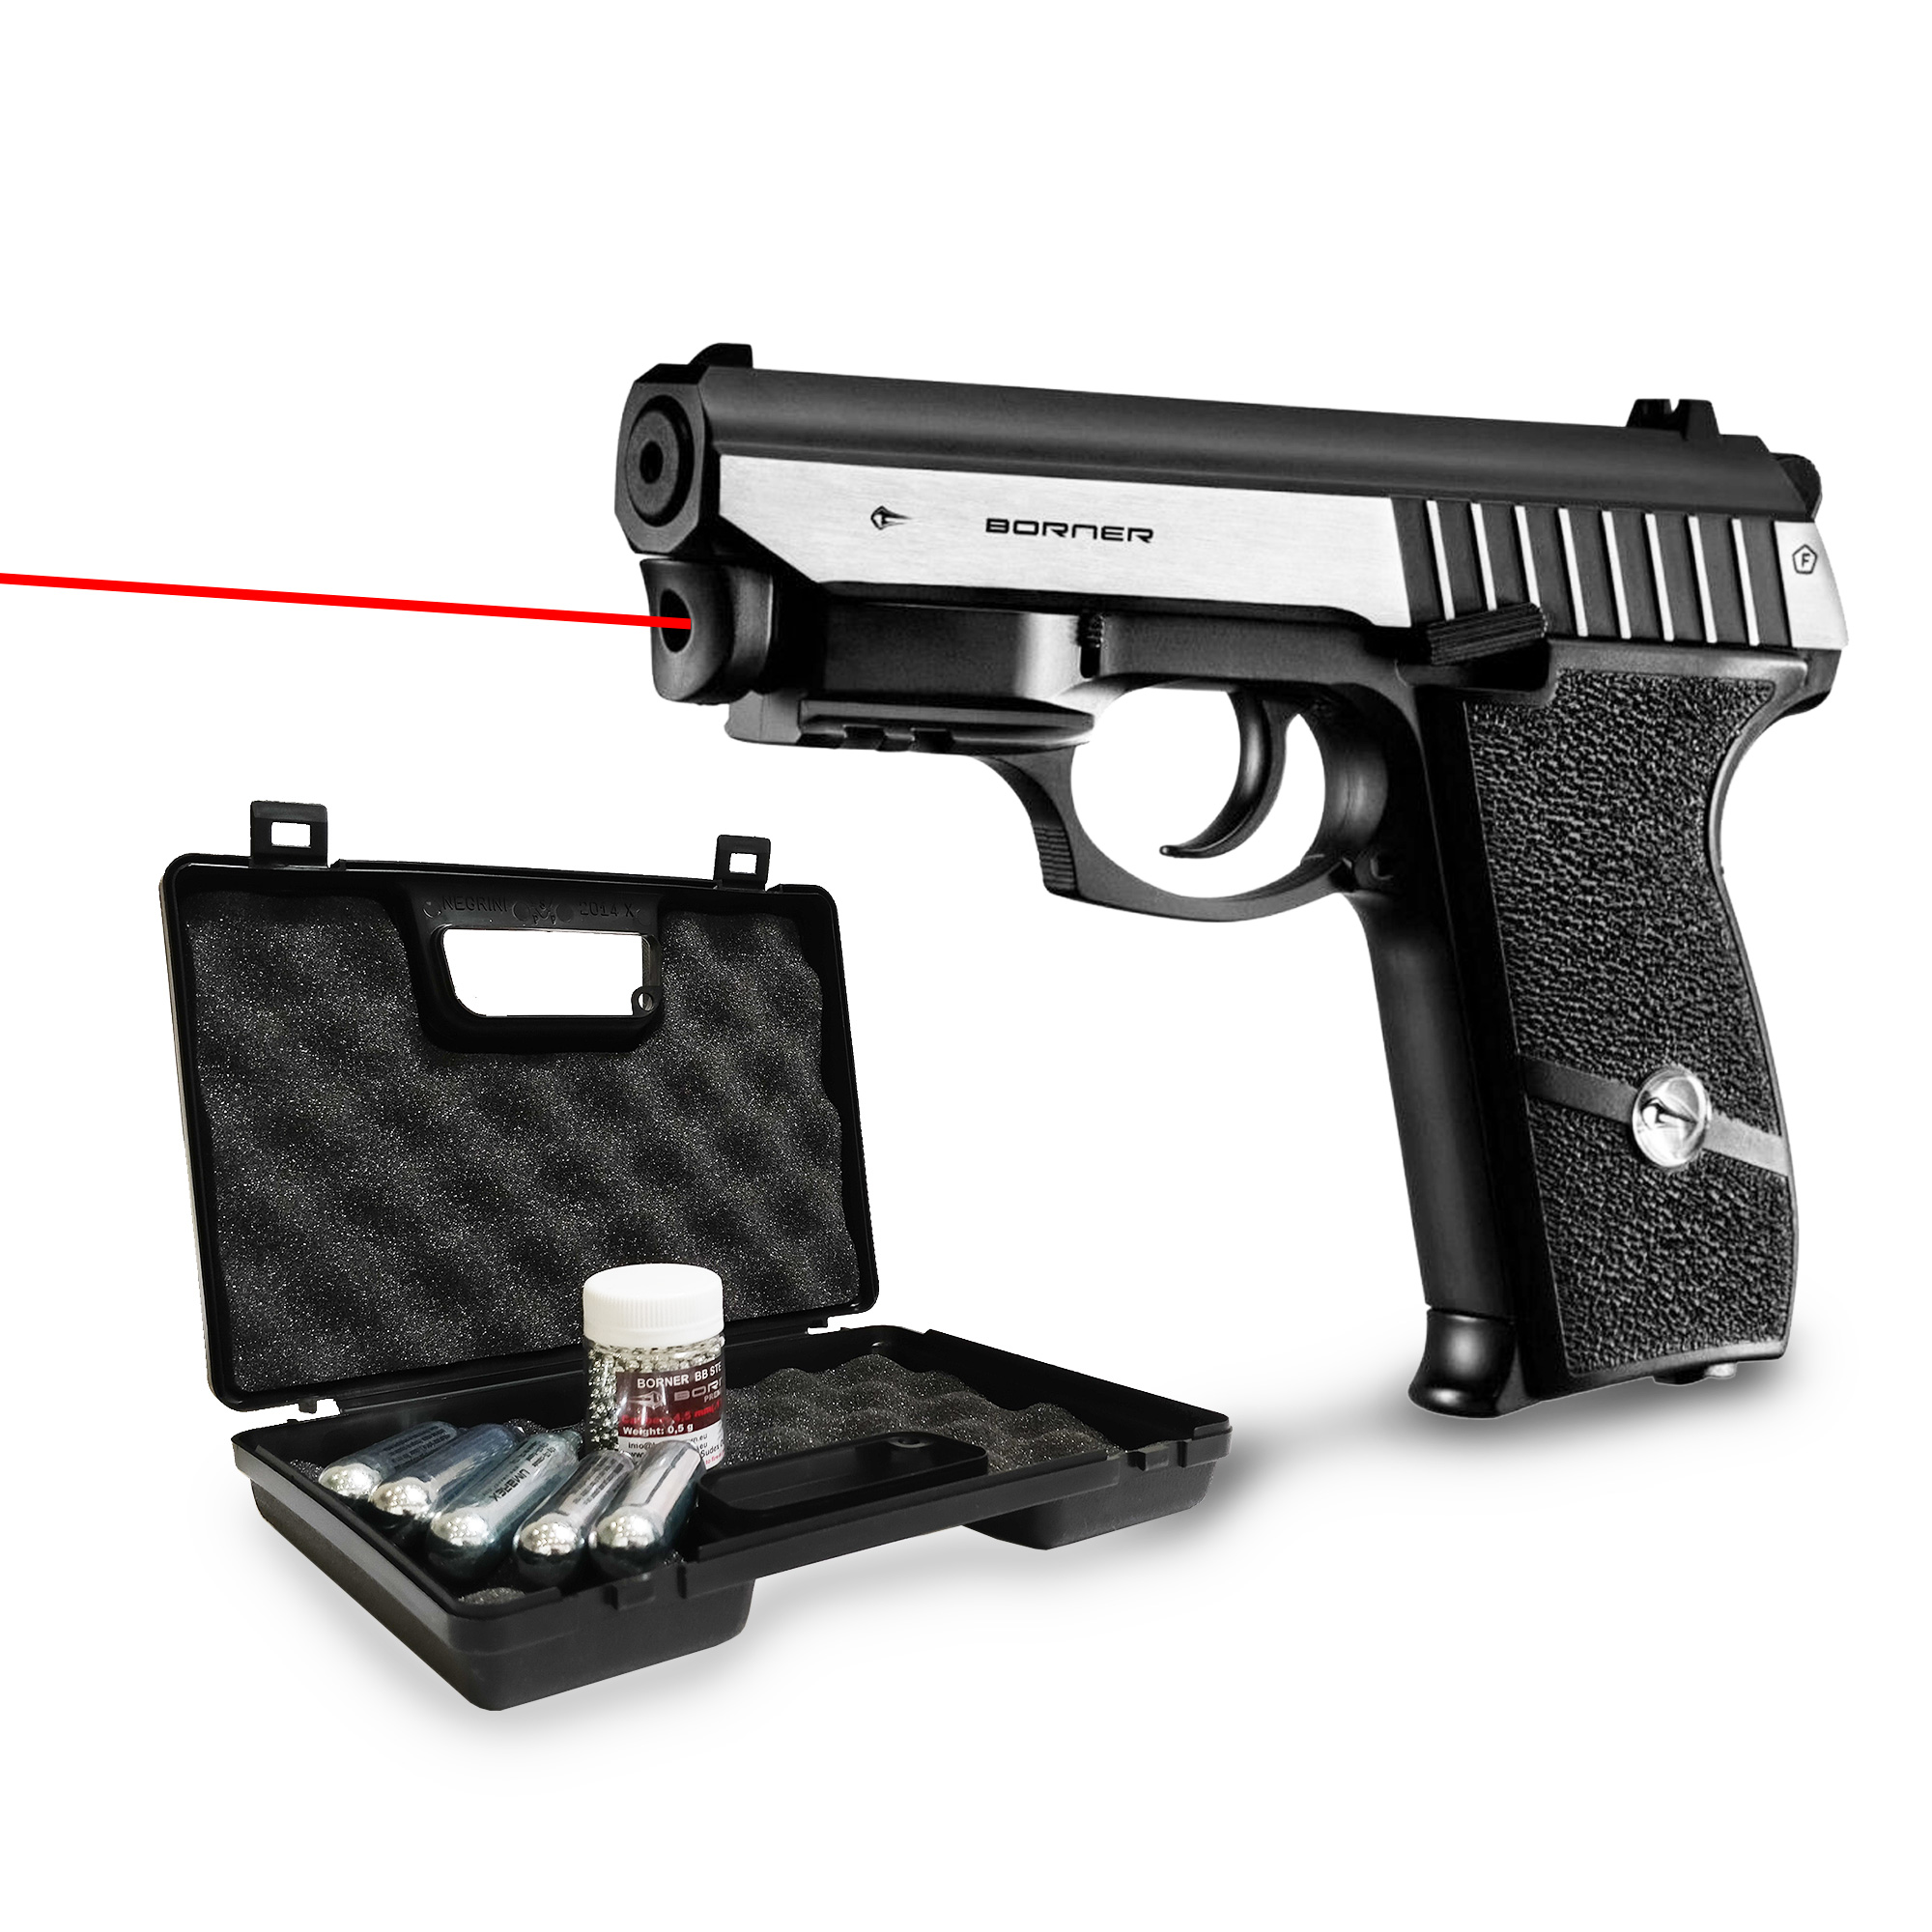 Kit Pistolet à billes acier 4,5mm Panther 801 Borner co2 avec laser intégré